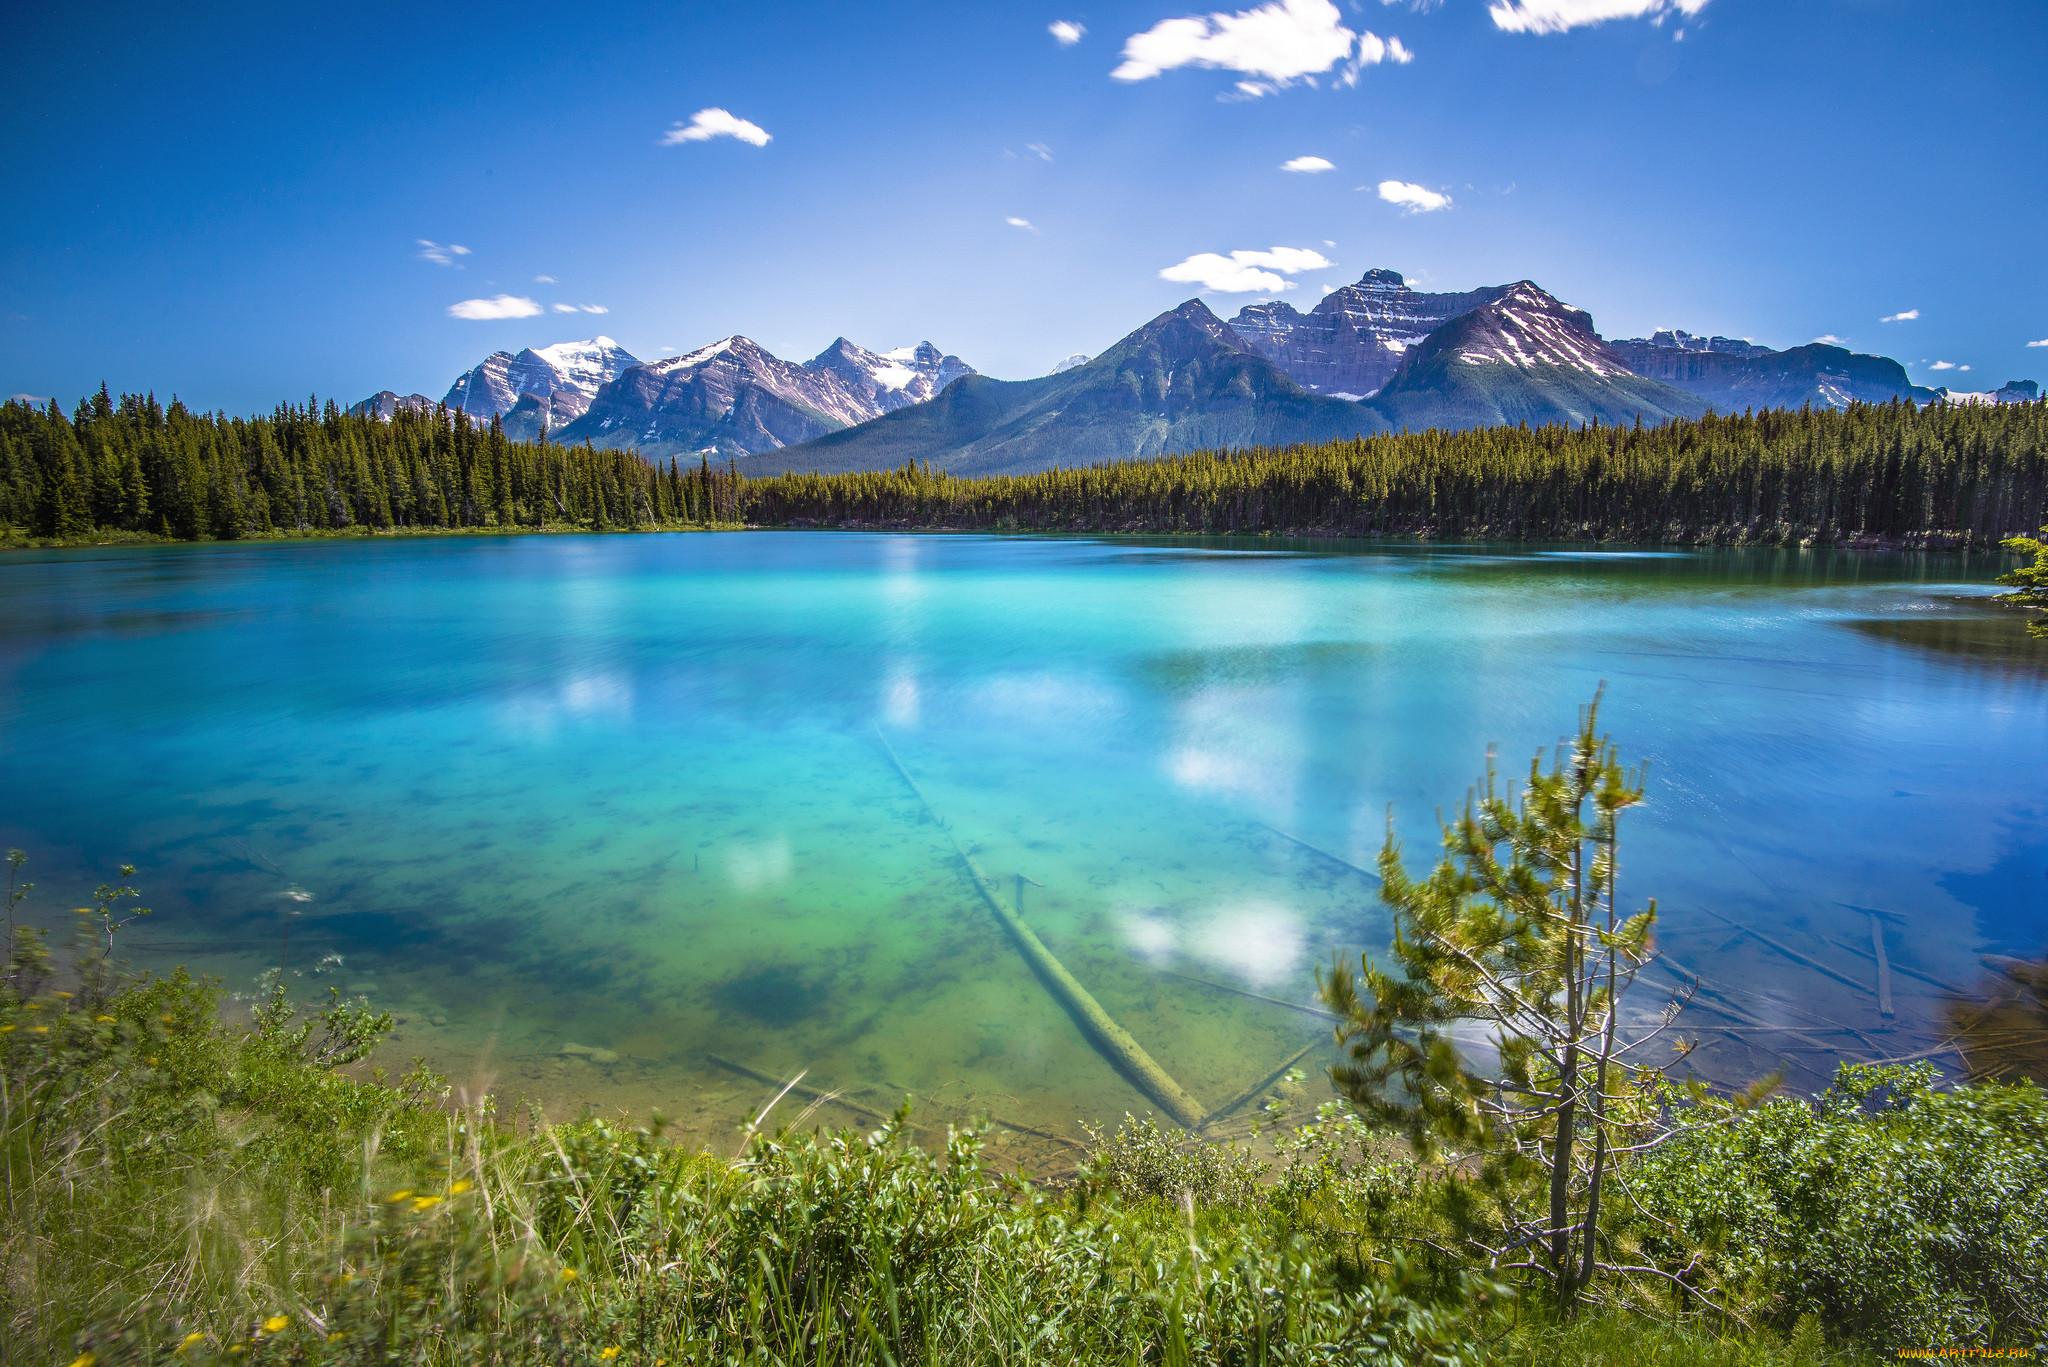 может прозрачные реки и озера фото бессмысленных невыразительных геометрических